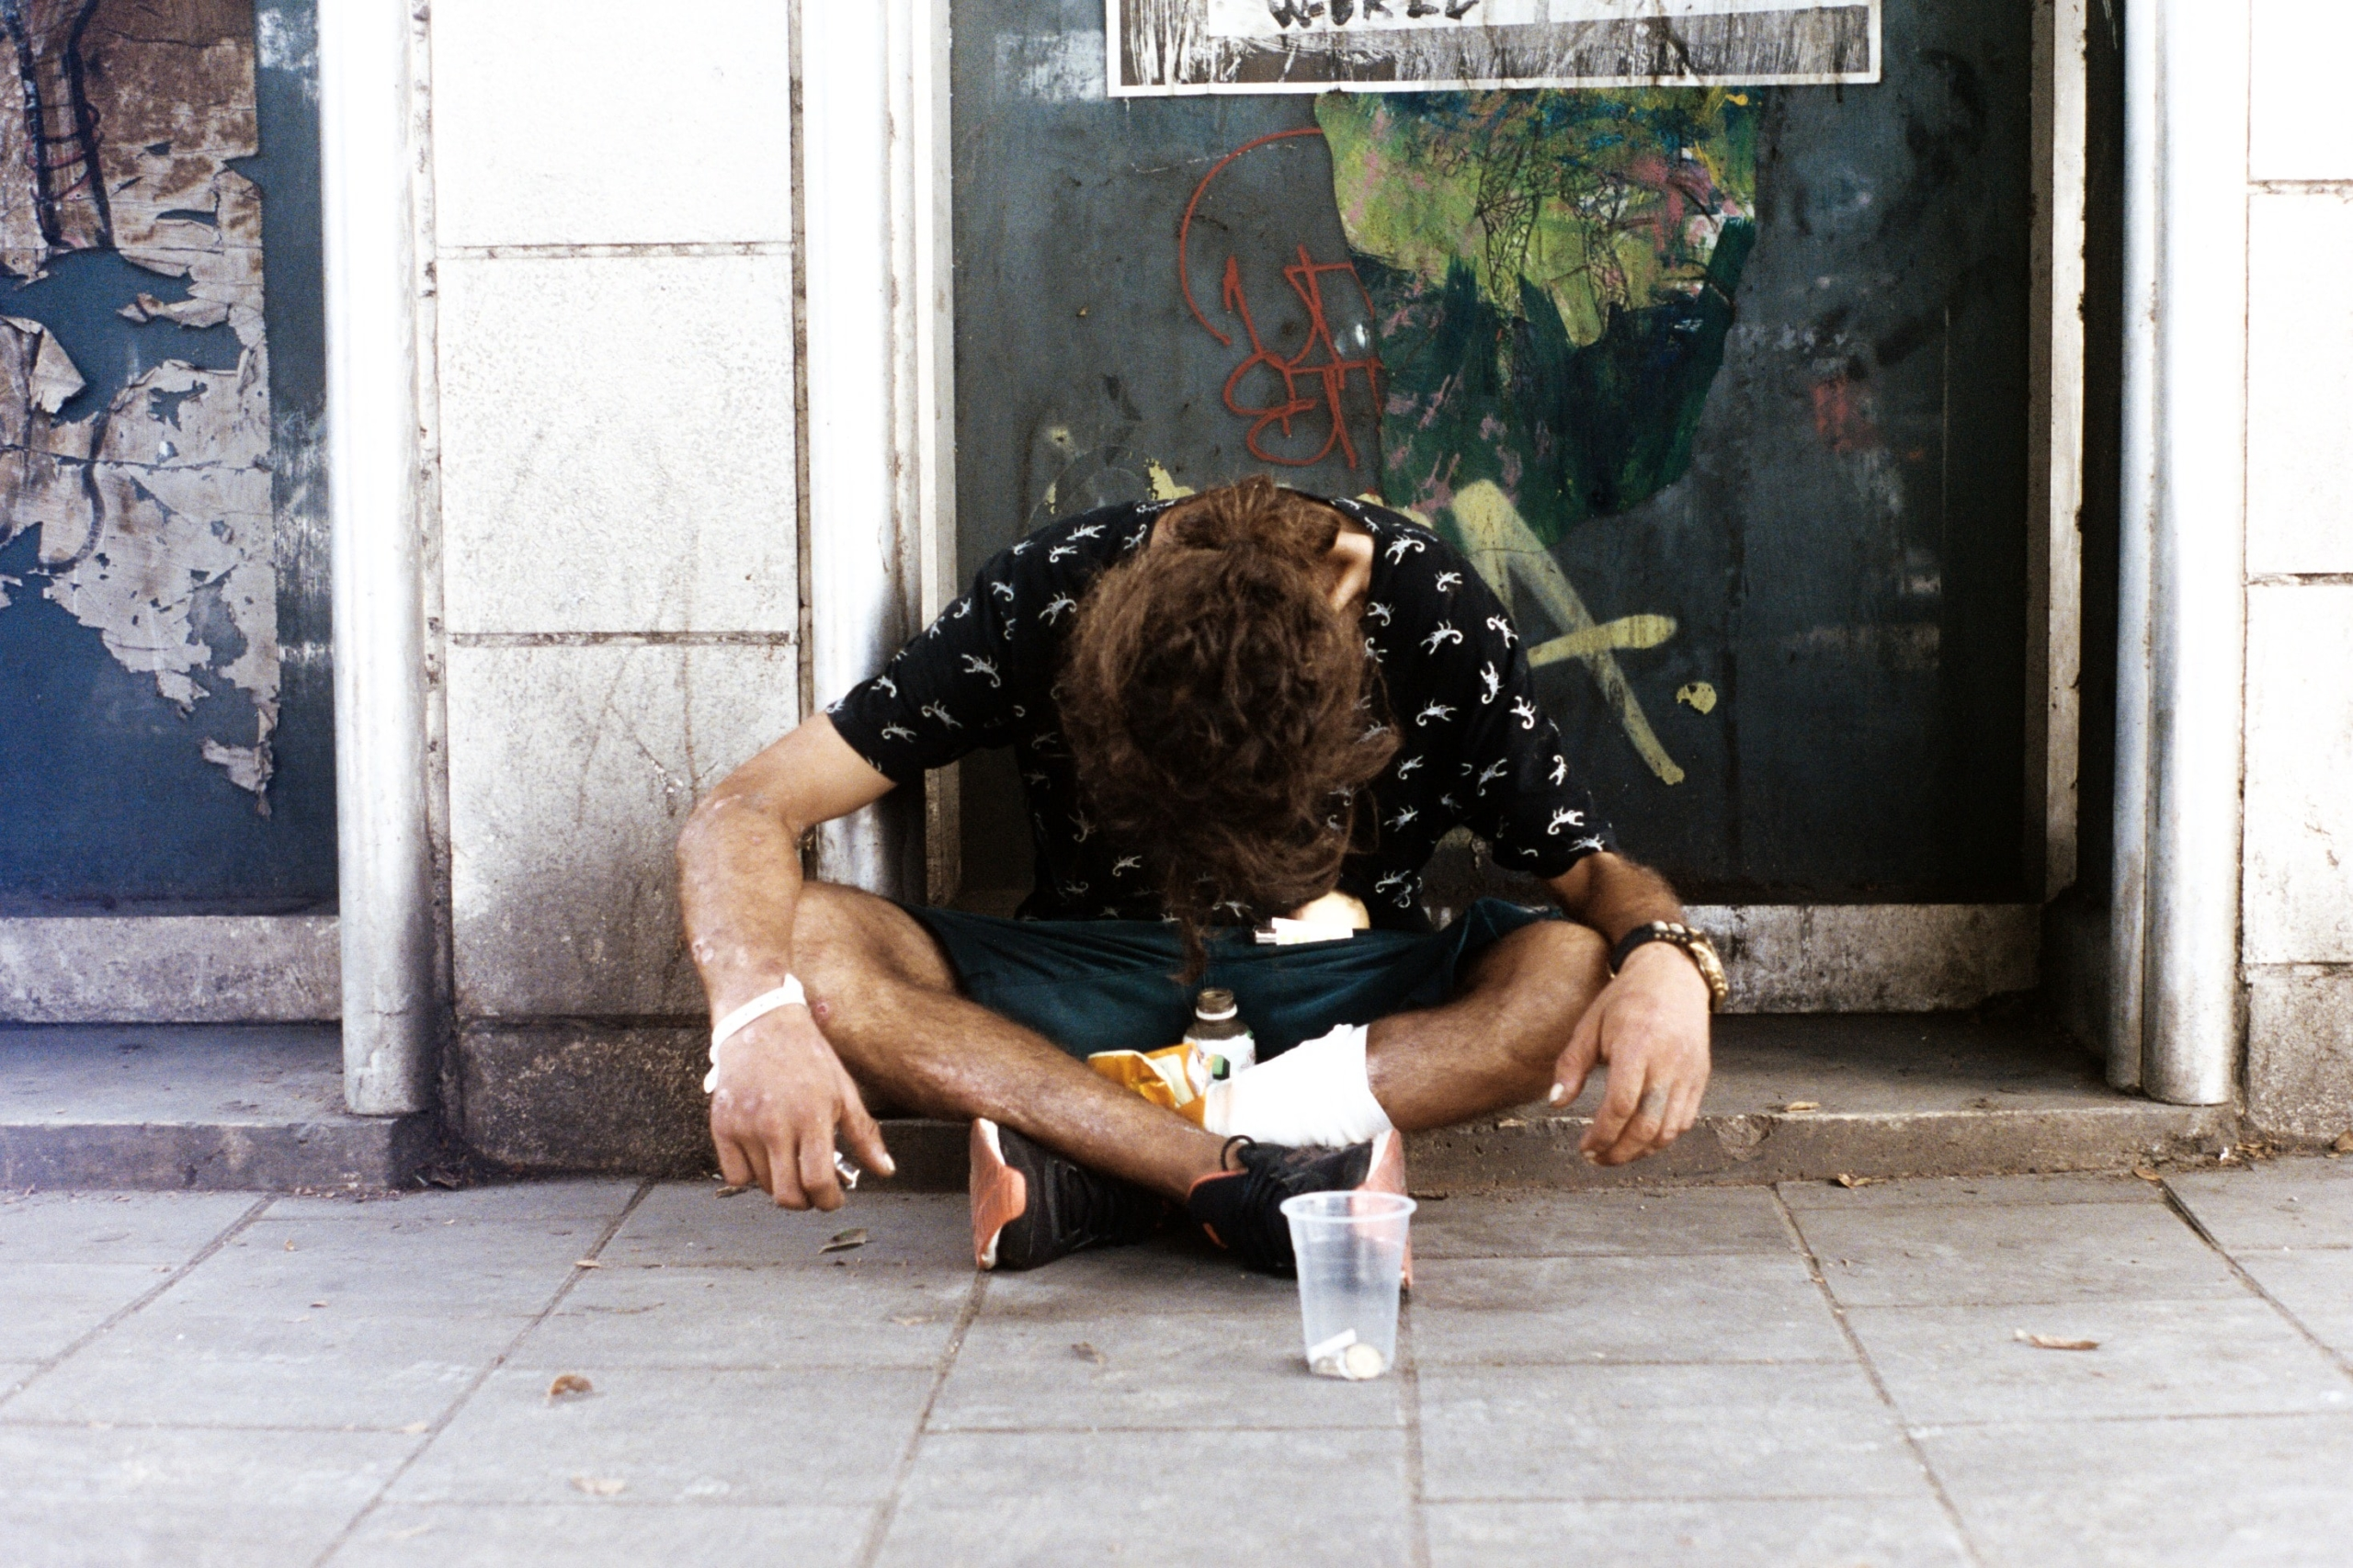 חסר בית בתל אביב | צילום: איתי רון. למצולם אין קשר לכתבה